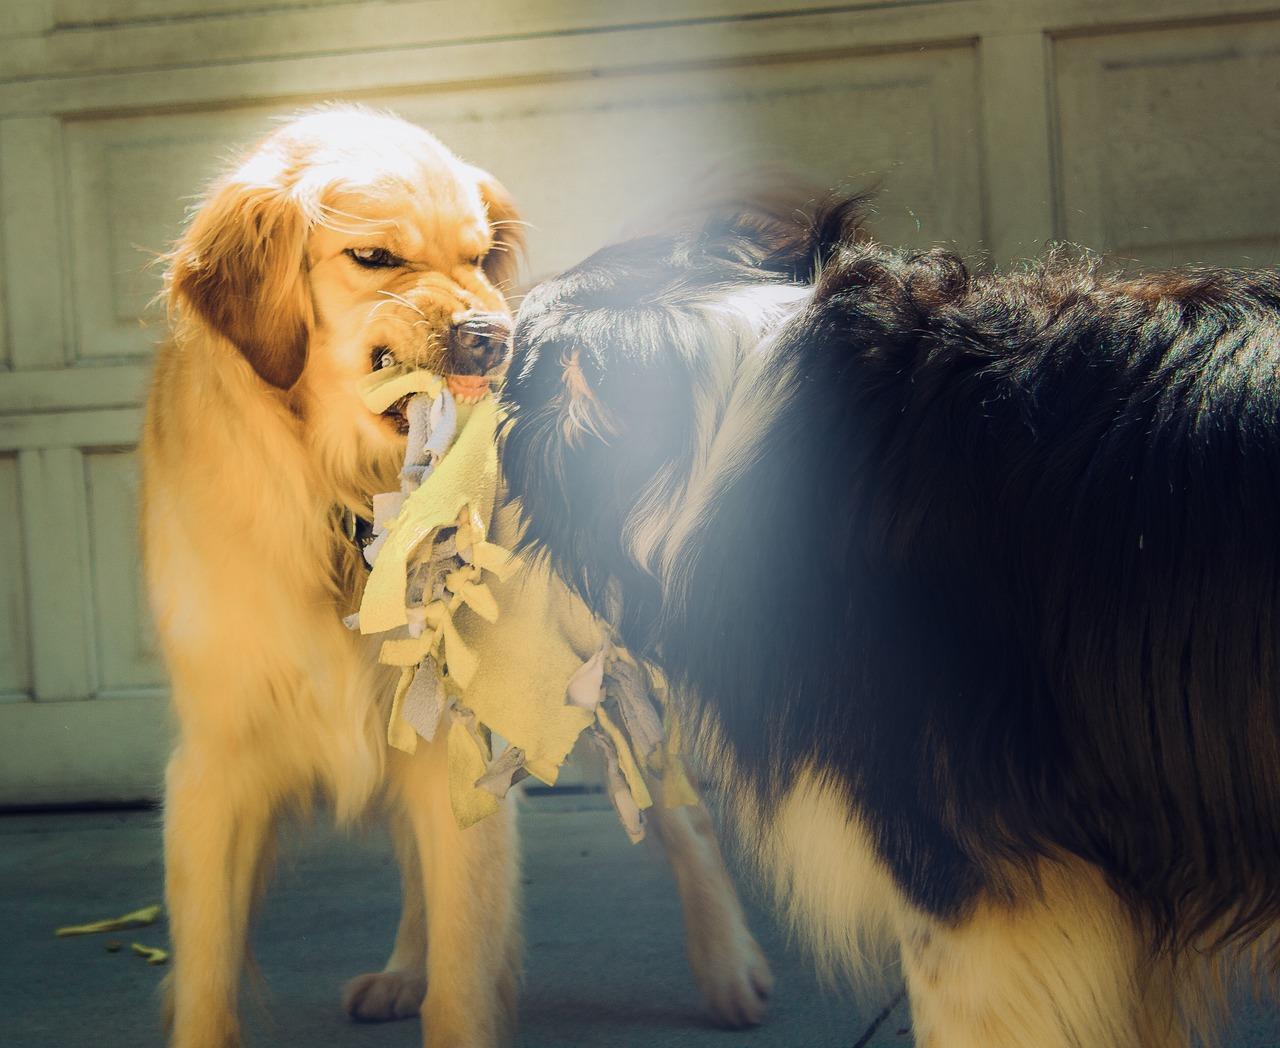 犬が喧嘩してしまうのはなぜ?犬の喧嘩を止めさせるやり方を紹介